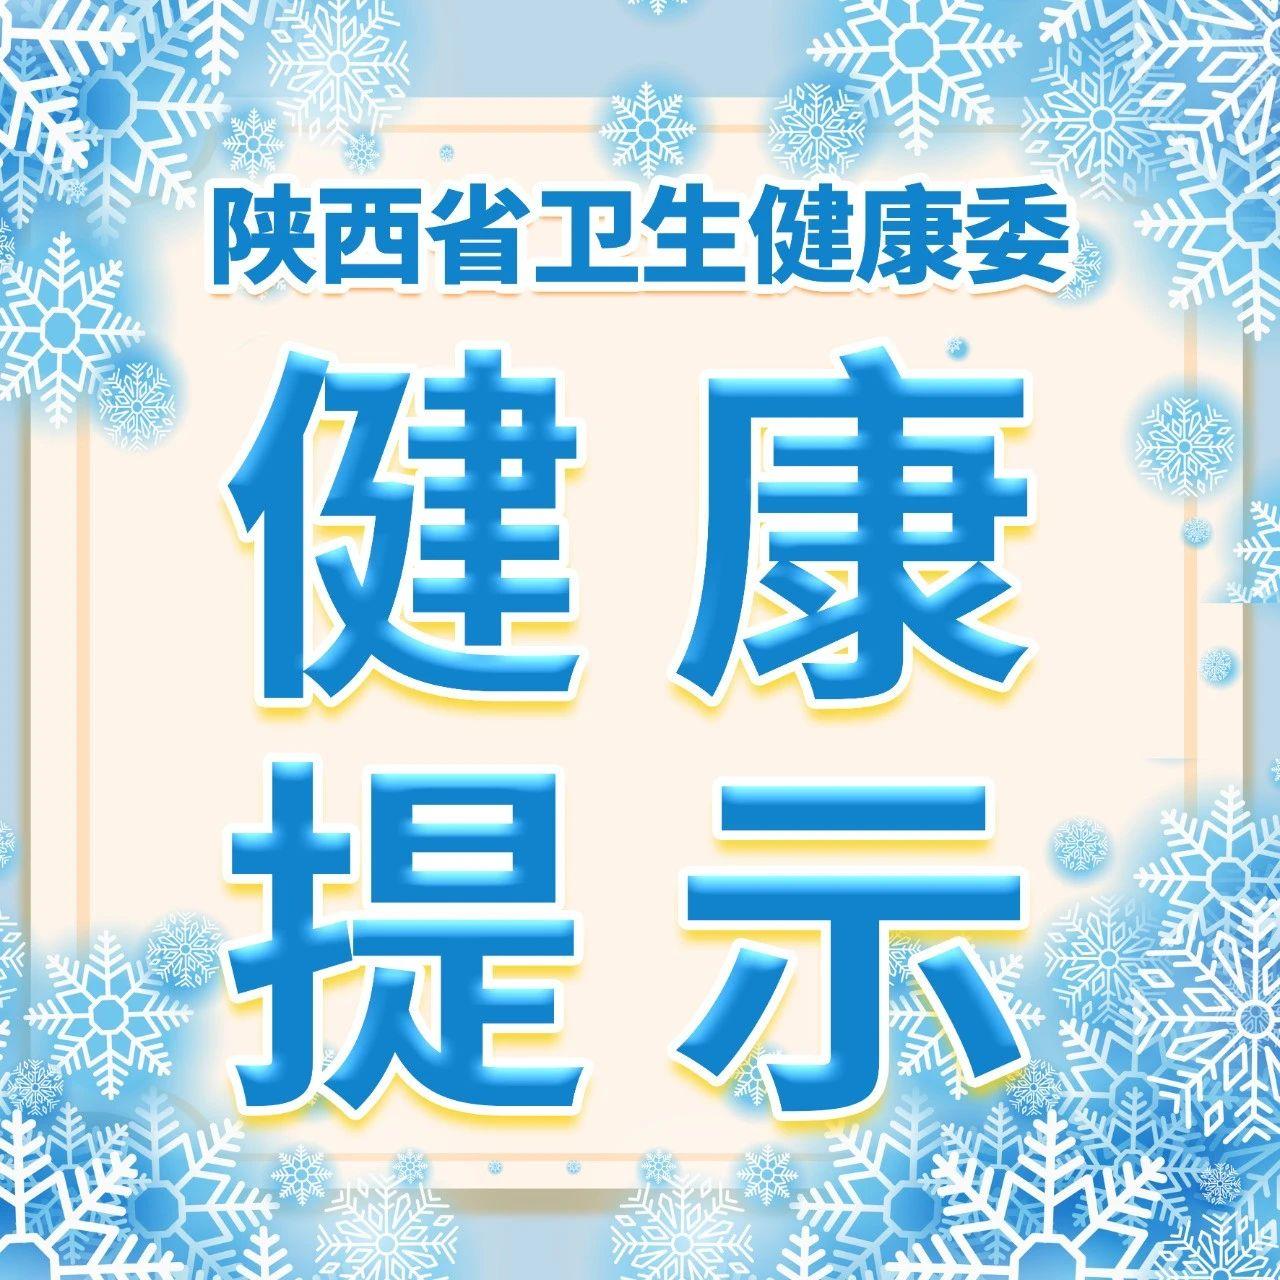 陕西省卫生健康委提示|哪些人抵陕后要集中隔离?